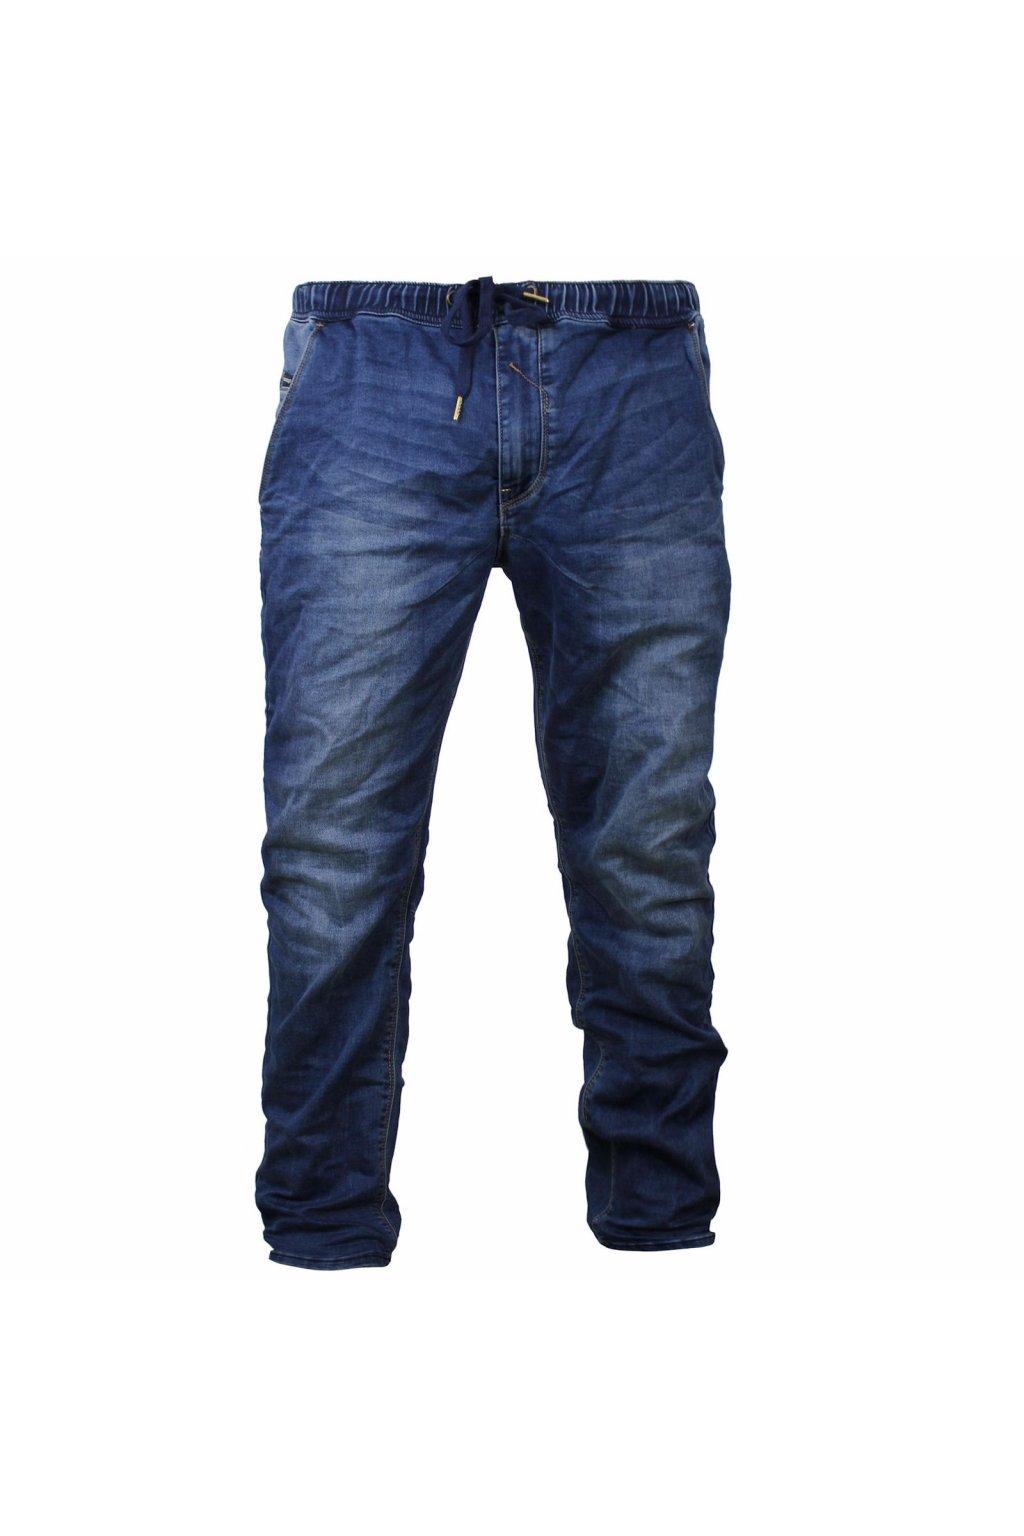 Yakuza Premium pánské jogger džíny YPJE 007 modré